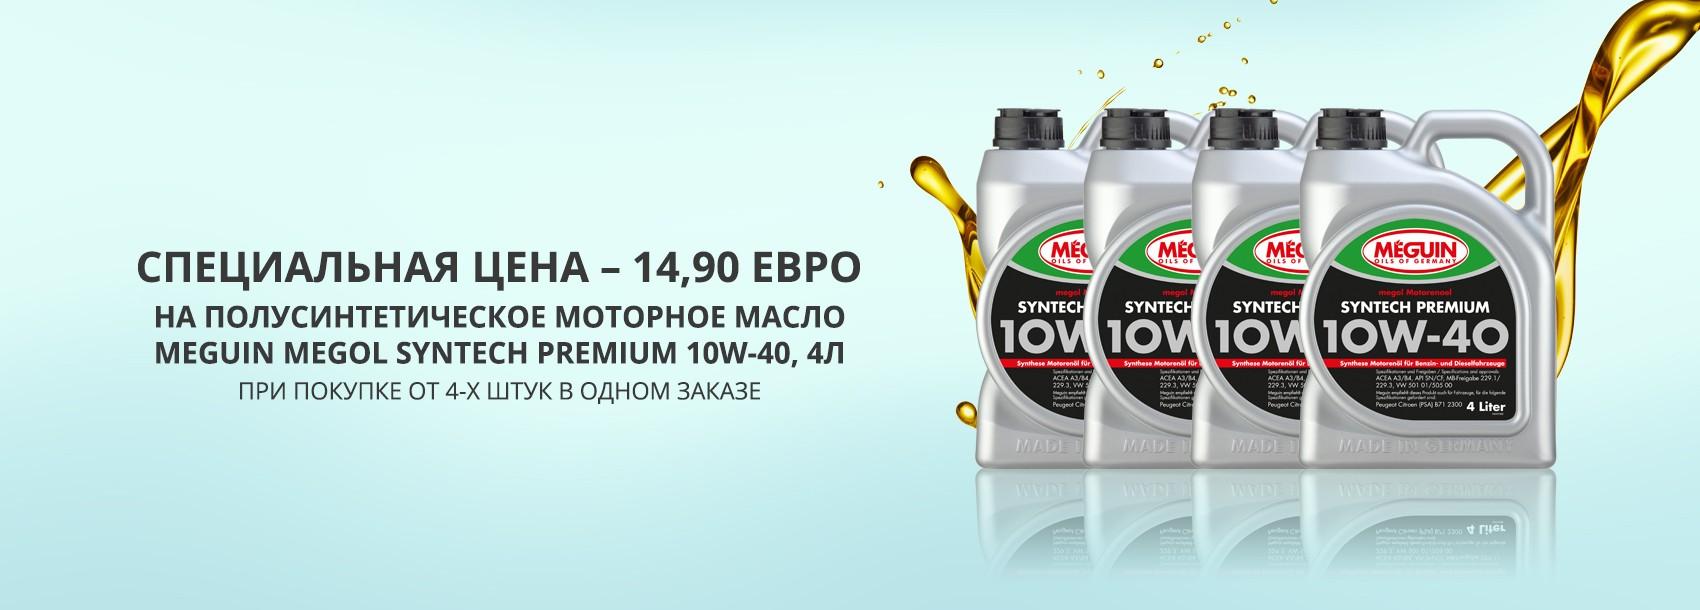 Полусинтетическое моторное масло Meguin по специальной цене